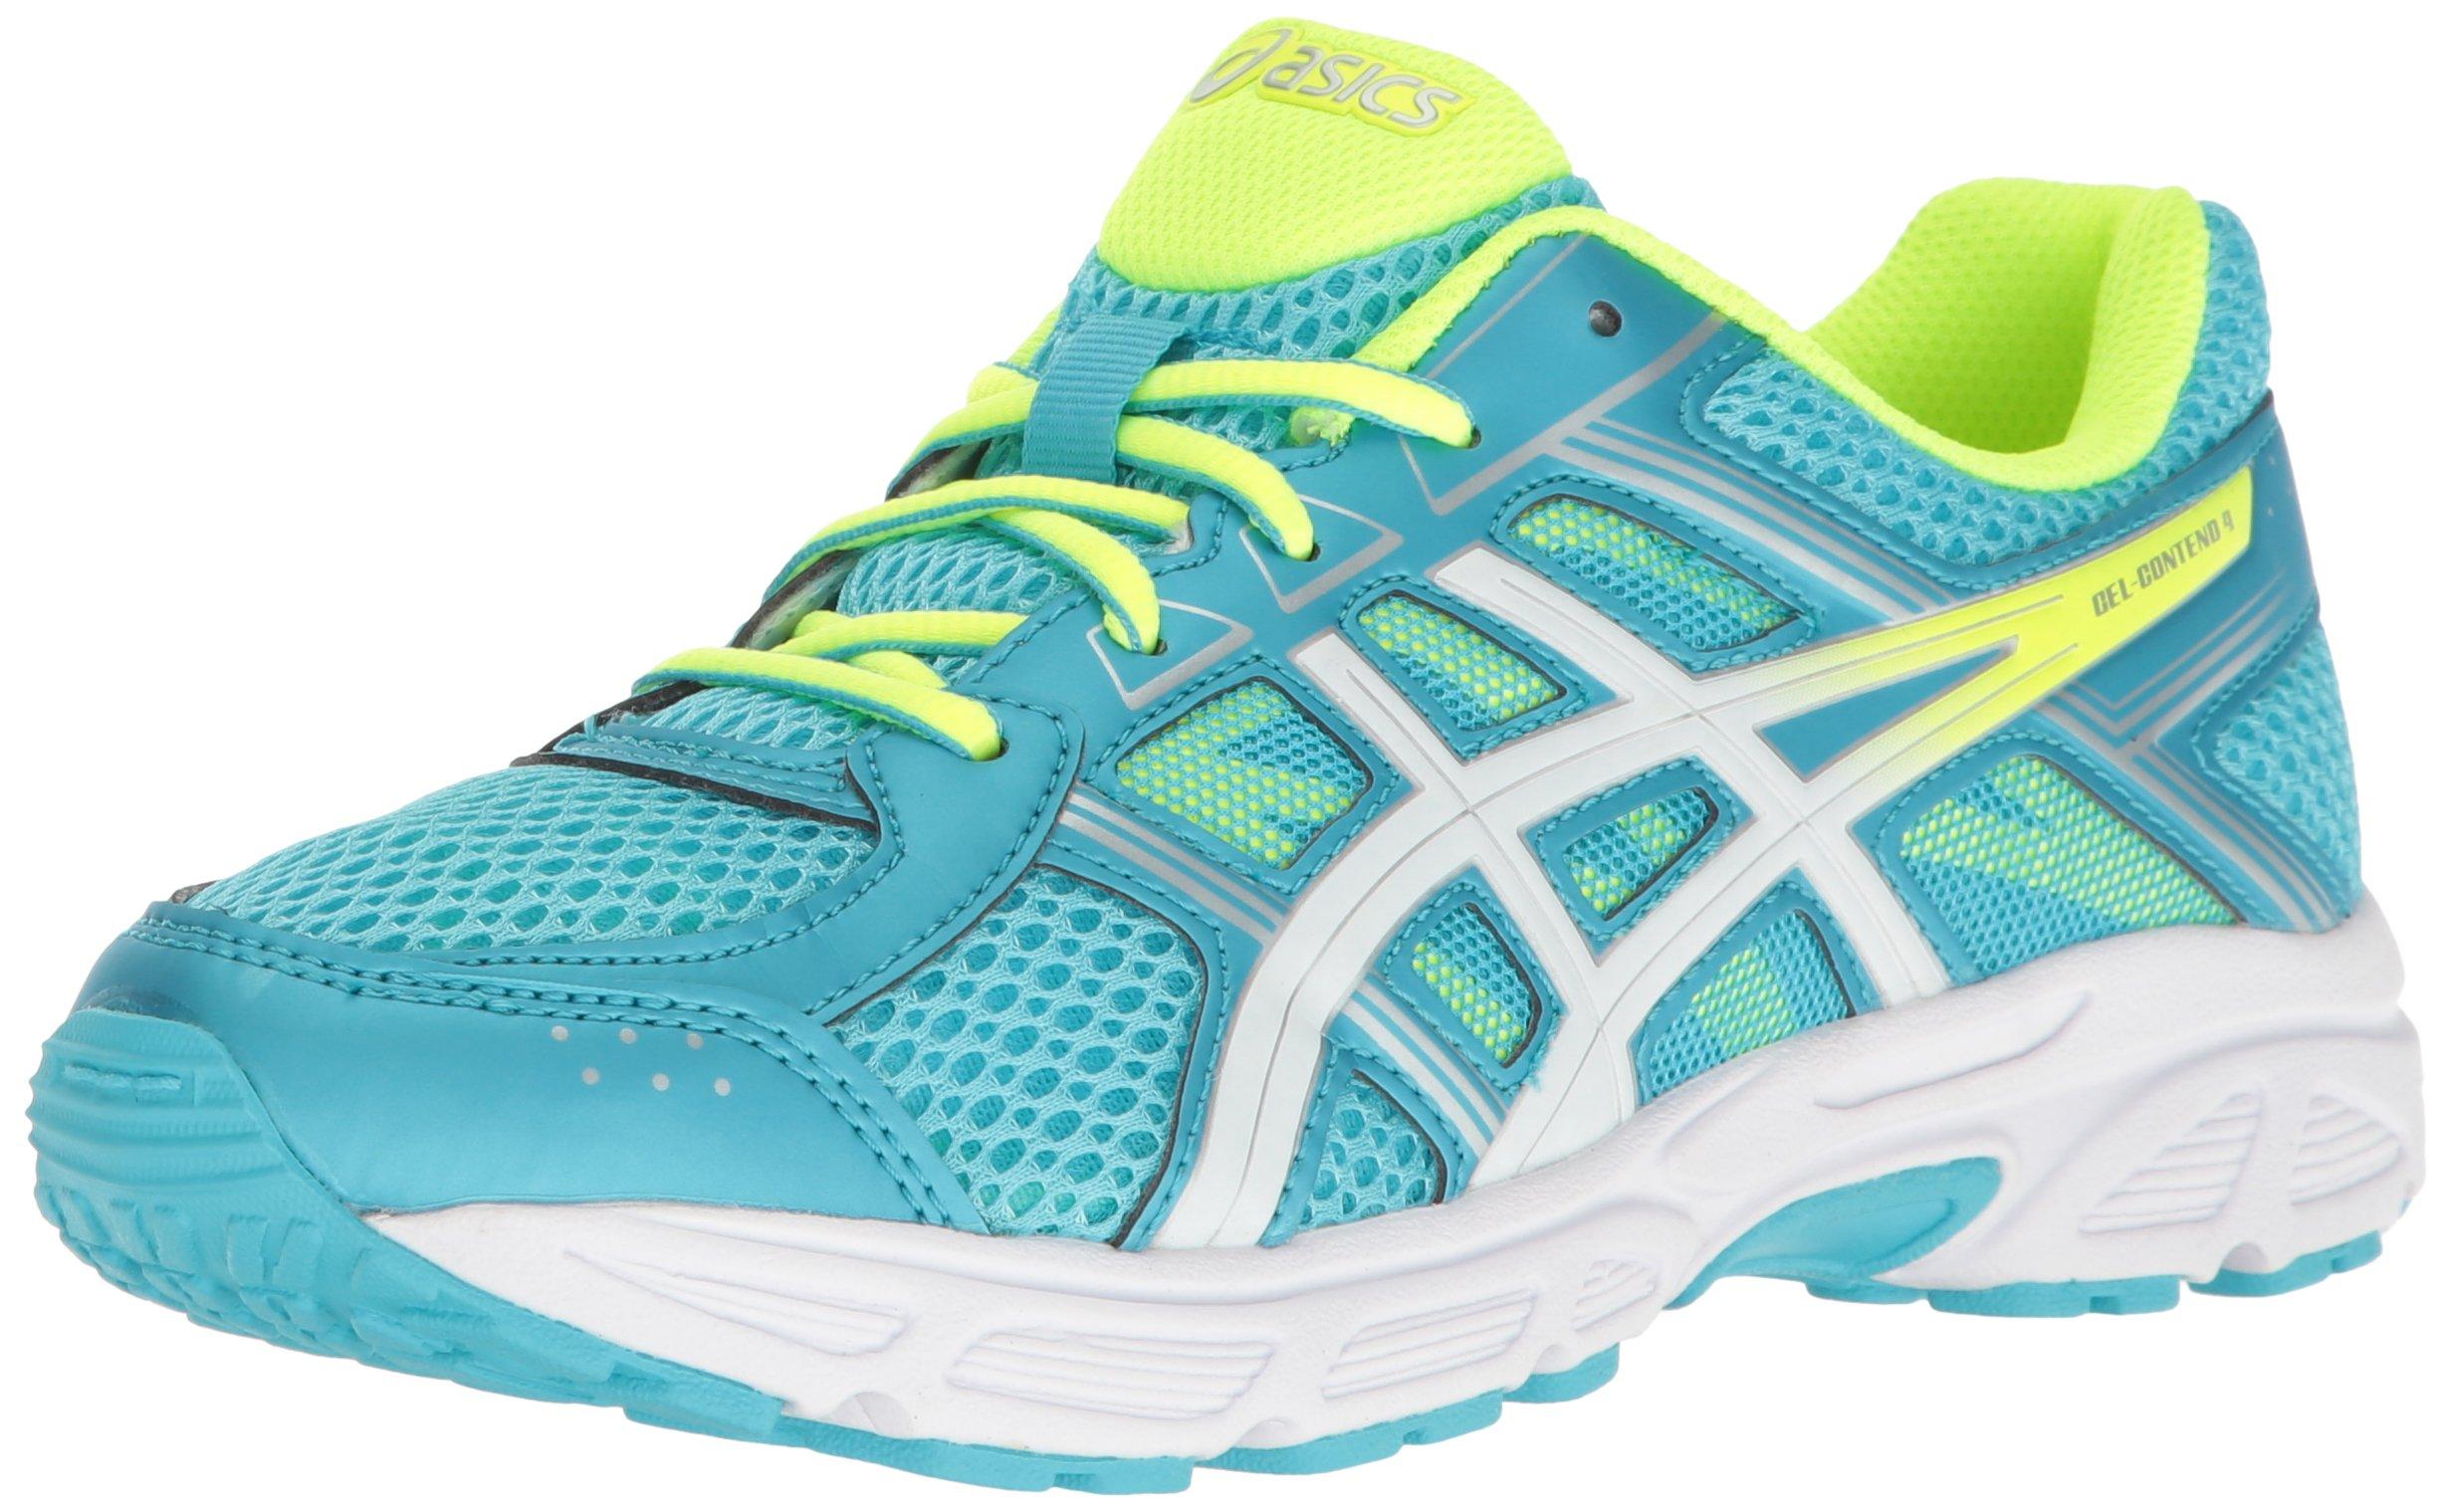 ASICS Girls' Gel-Contend 4 GS Running Shoe, Aquarium/White/Safety Yellow, 1 M US Big Kid